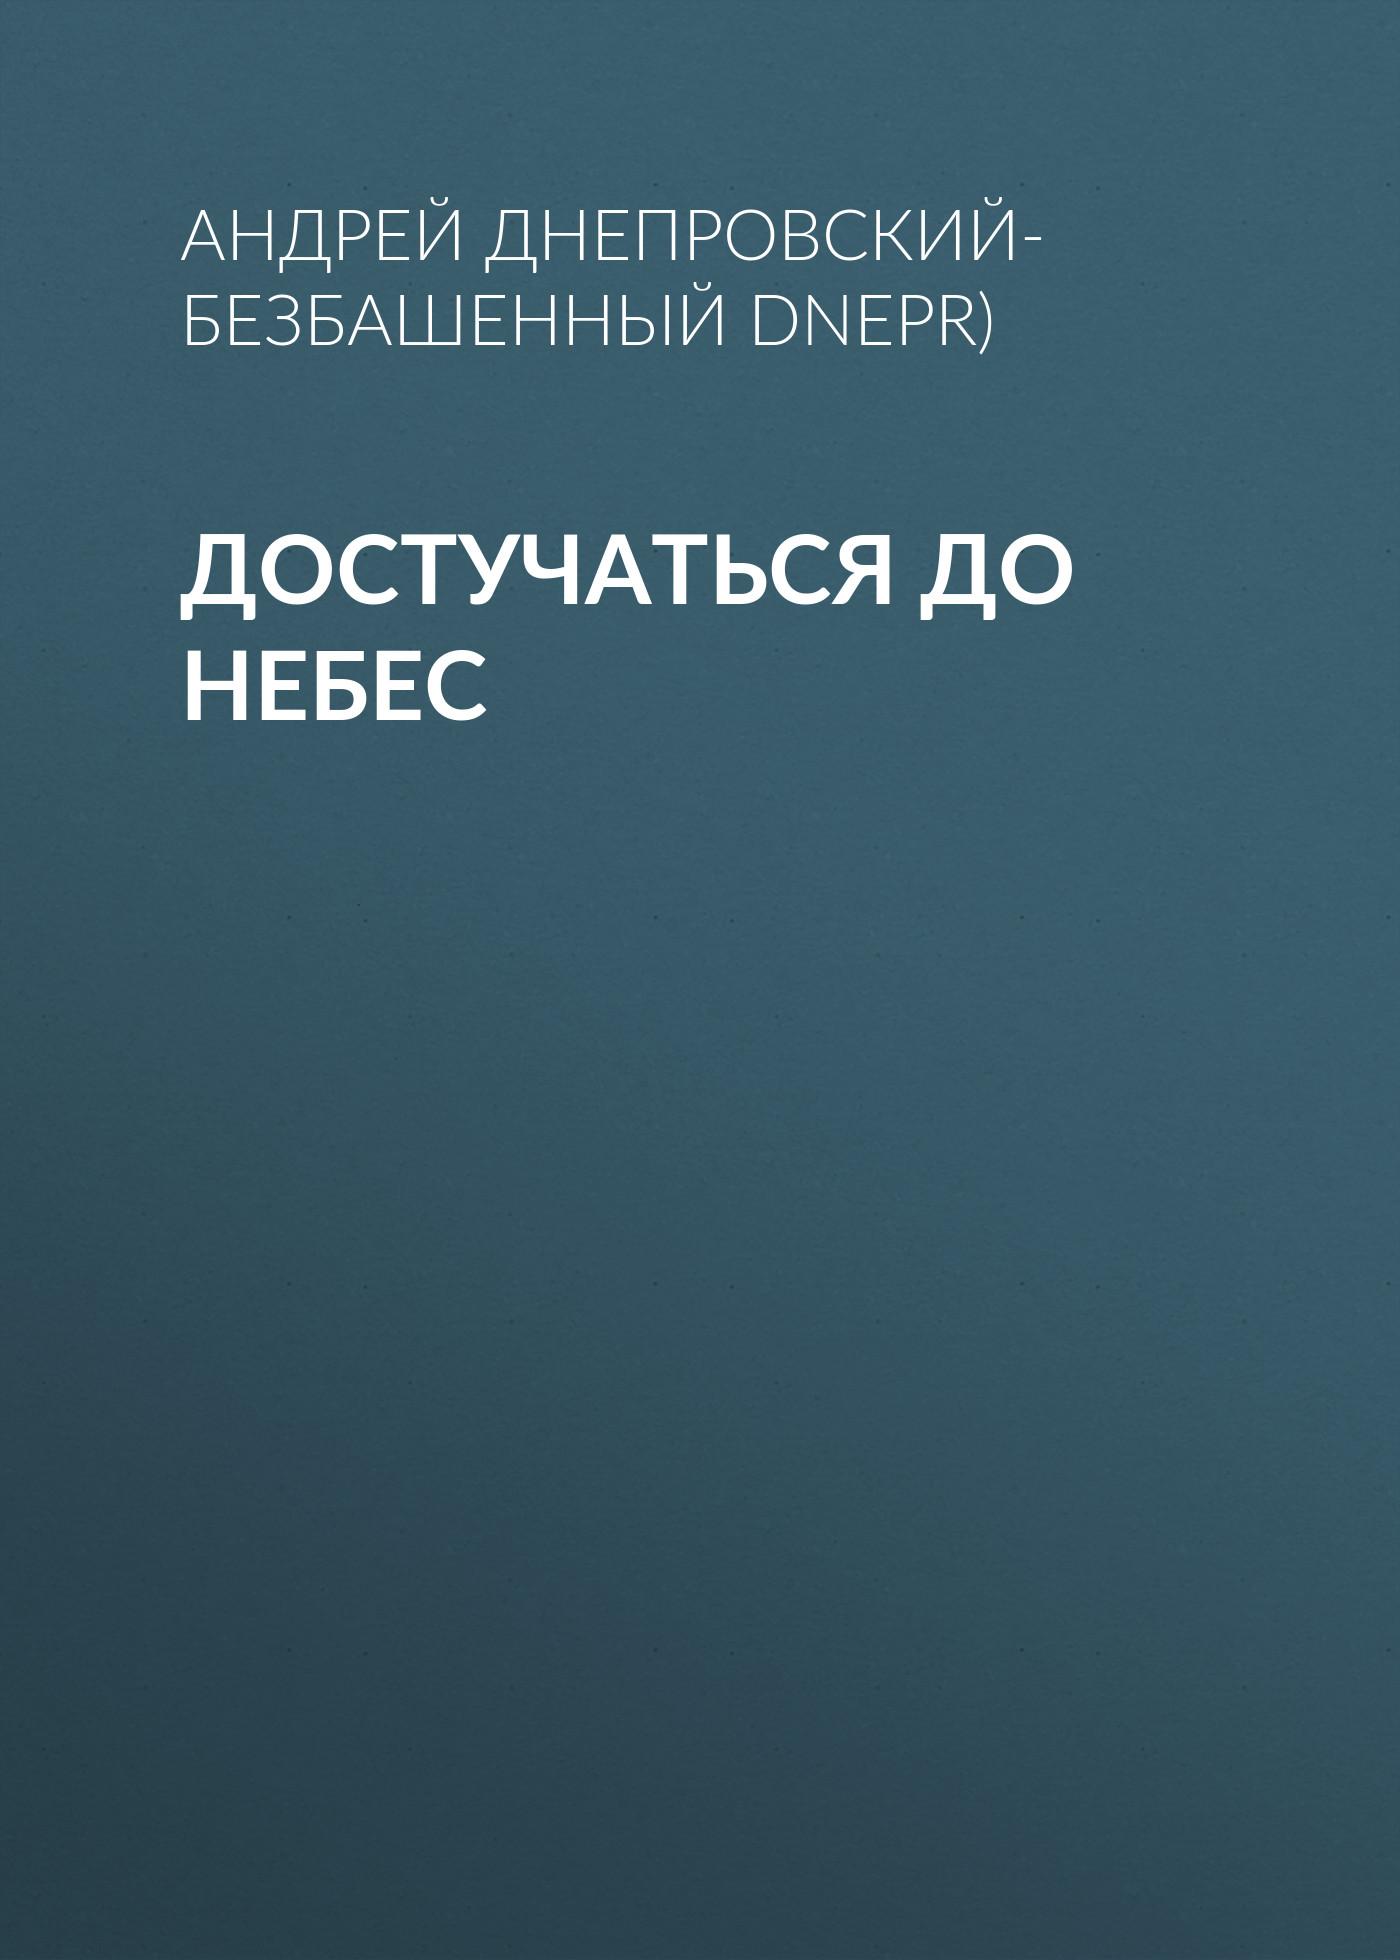 Андрей Днепровский-Безбашенный (A.DNEPR) Достучаться до небес андрей днепровский безбашенный a dnepr верить всебя новеллы